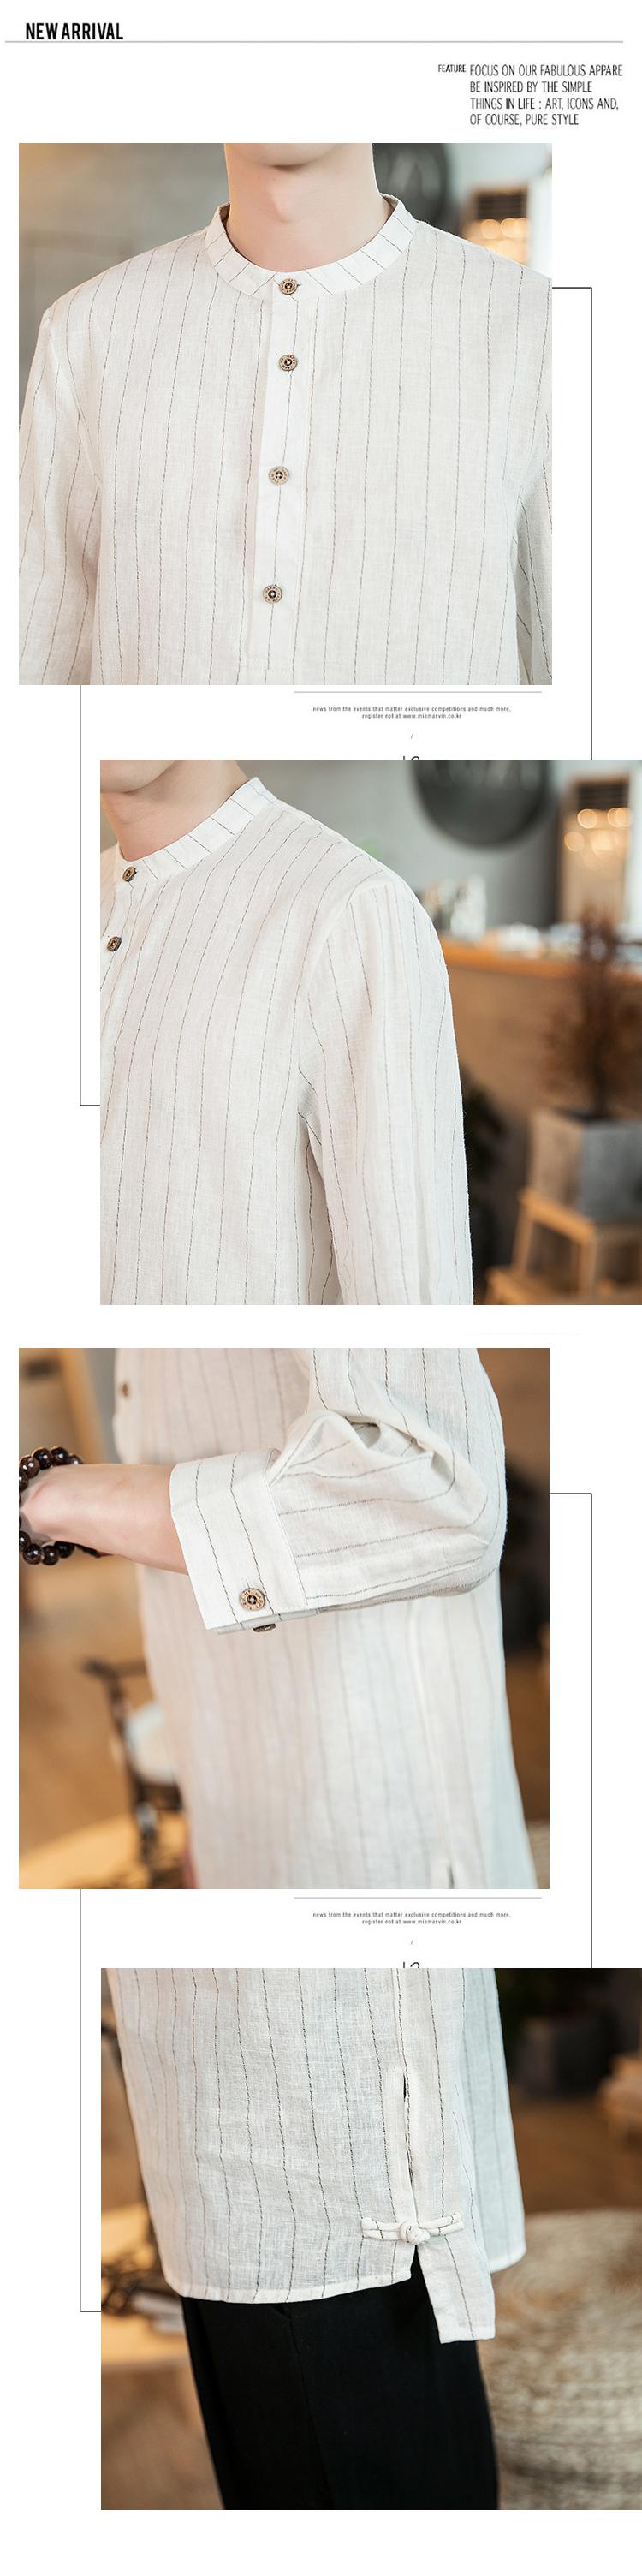 春季新款条纹亚麻盘扣小立领衬衫中国风QT4029-CS88-P45